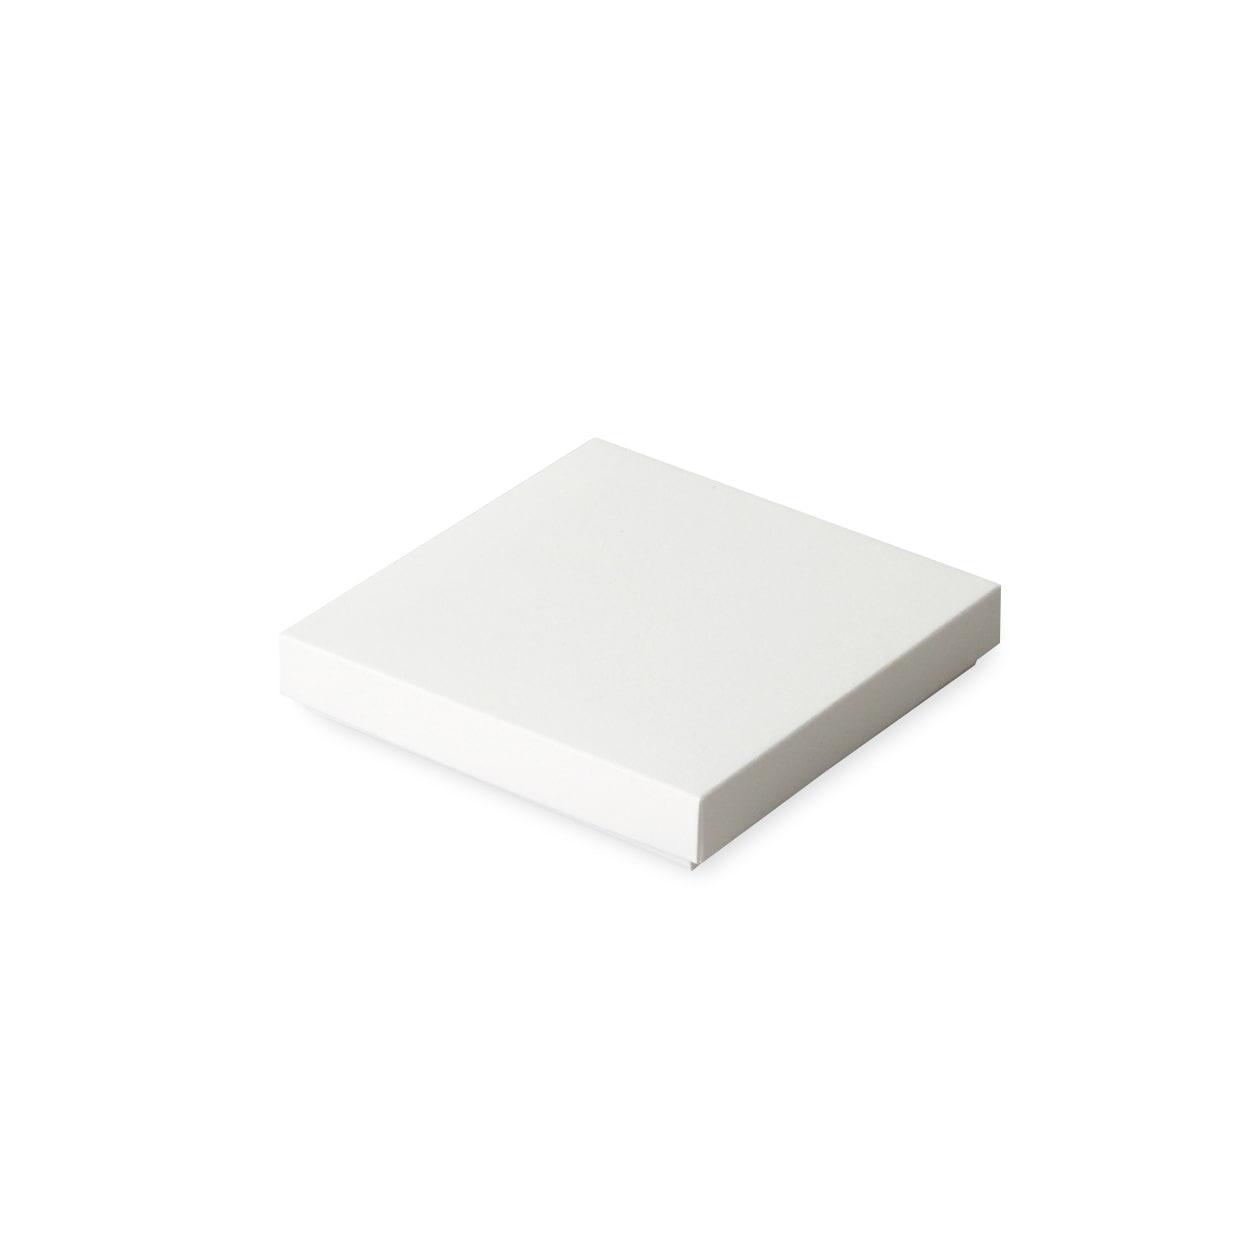 組箱 95×95×15 コットン スノーホワイト 232.8g